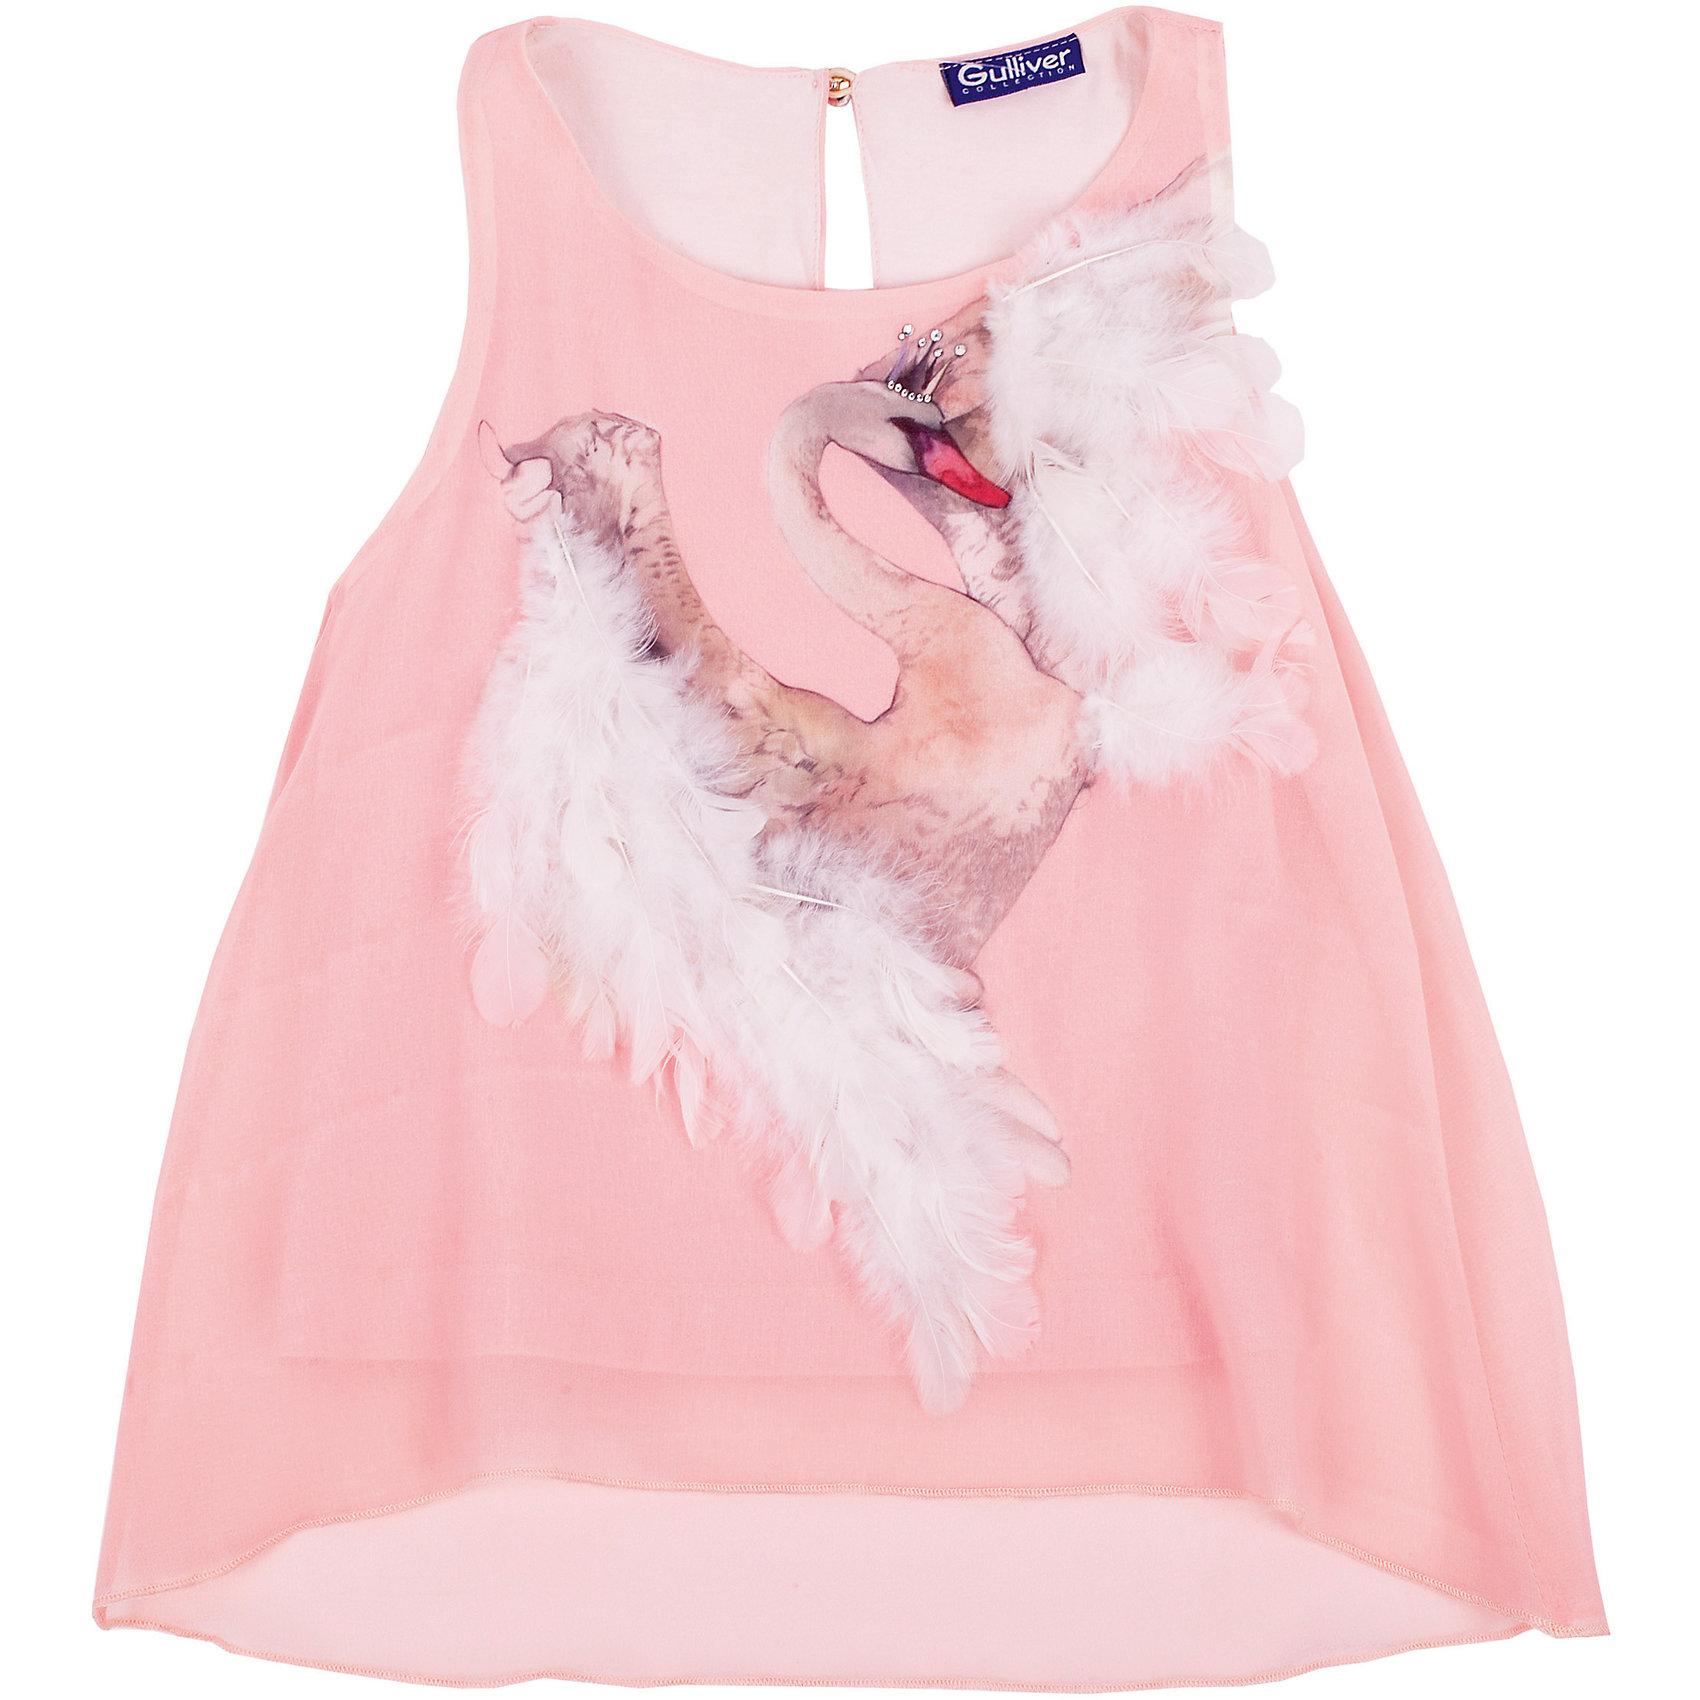 Блузка для девочки GulliverБлузки и рубашки<br>Блузка для девочки от известного бренда Gulliver.<br>Подготовка к празднику - приятные хлопоты! Если вы хотите сделать праздничный день радостным и ярким, вам стоит купить элегантную персиковую  блузку с нежным  декором. Блузка оформлена интересным акварельным принтом, расшитым натуральными перьями. В нем легкость птичьего полета, грациозность, изящество. Конечно, такая вещь требует деликатного отношения, но ведь и праздники случаются не каждый день? Эта модель - лучший выбор блузки для девочки. Она сделает образ ребенка нежным, утонченным, изысканным.<br>Состав:<br>верх: 100% полиэстер; подкладка: 76% вискоза 19% полиэстер 5% эластан<br><br>Ширина мм: 186<br>Глубина мм: 87<br>Высота мм: 198<br>Вес г: 197<br>Цвет: розовый<br>Возраст от месяцев: 24<br>Возраст до месяцев: 36<br>Пол: Женский<br>Возраст: Детский<br>Размер: 98,104,110,116<br>SKU: 5103504